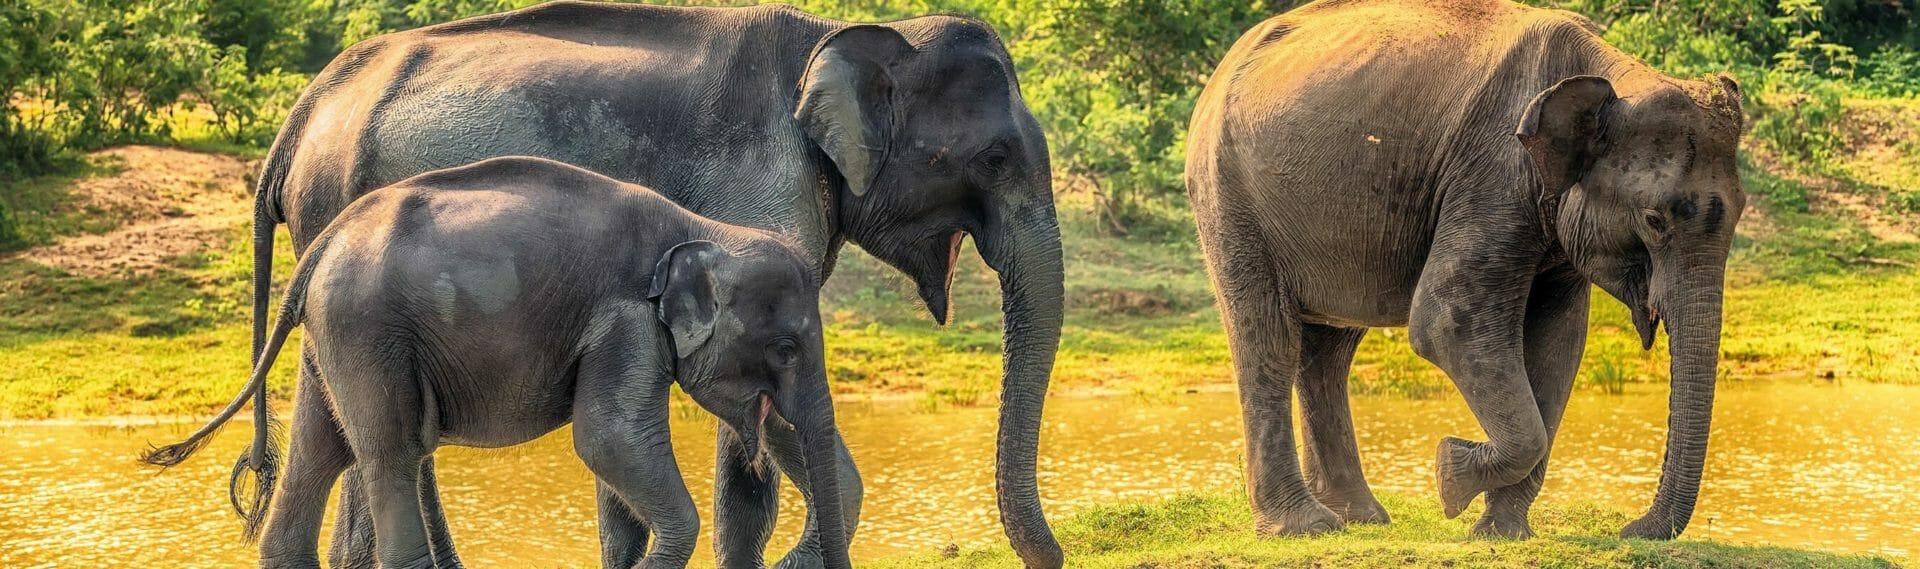 Sri Lanka: Yala National Park